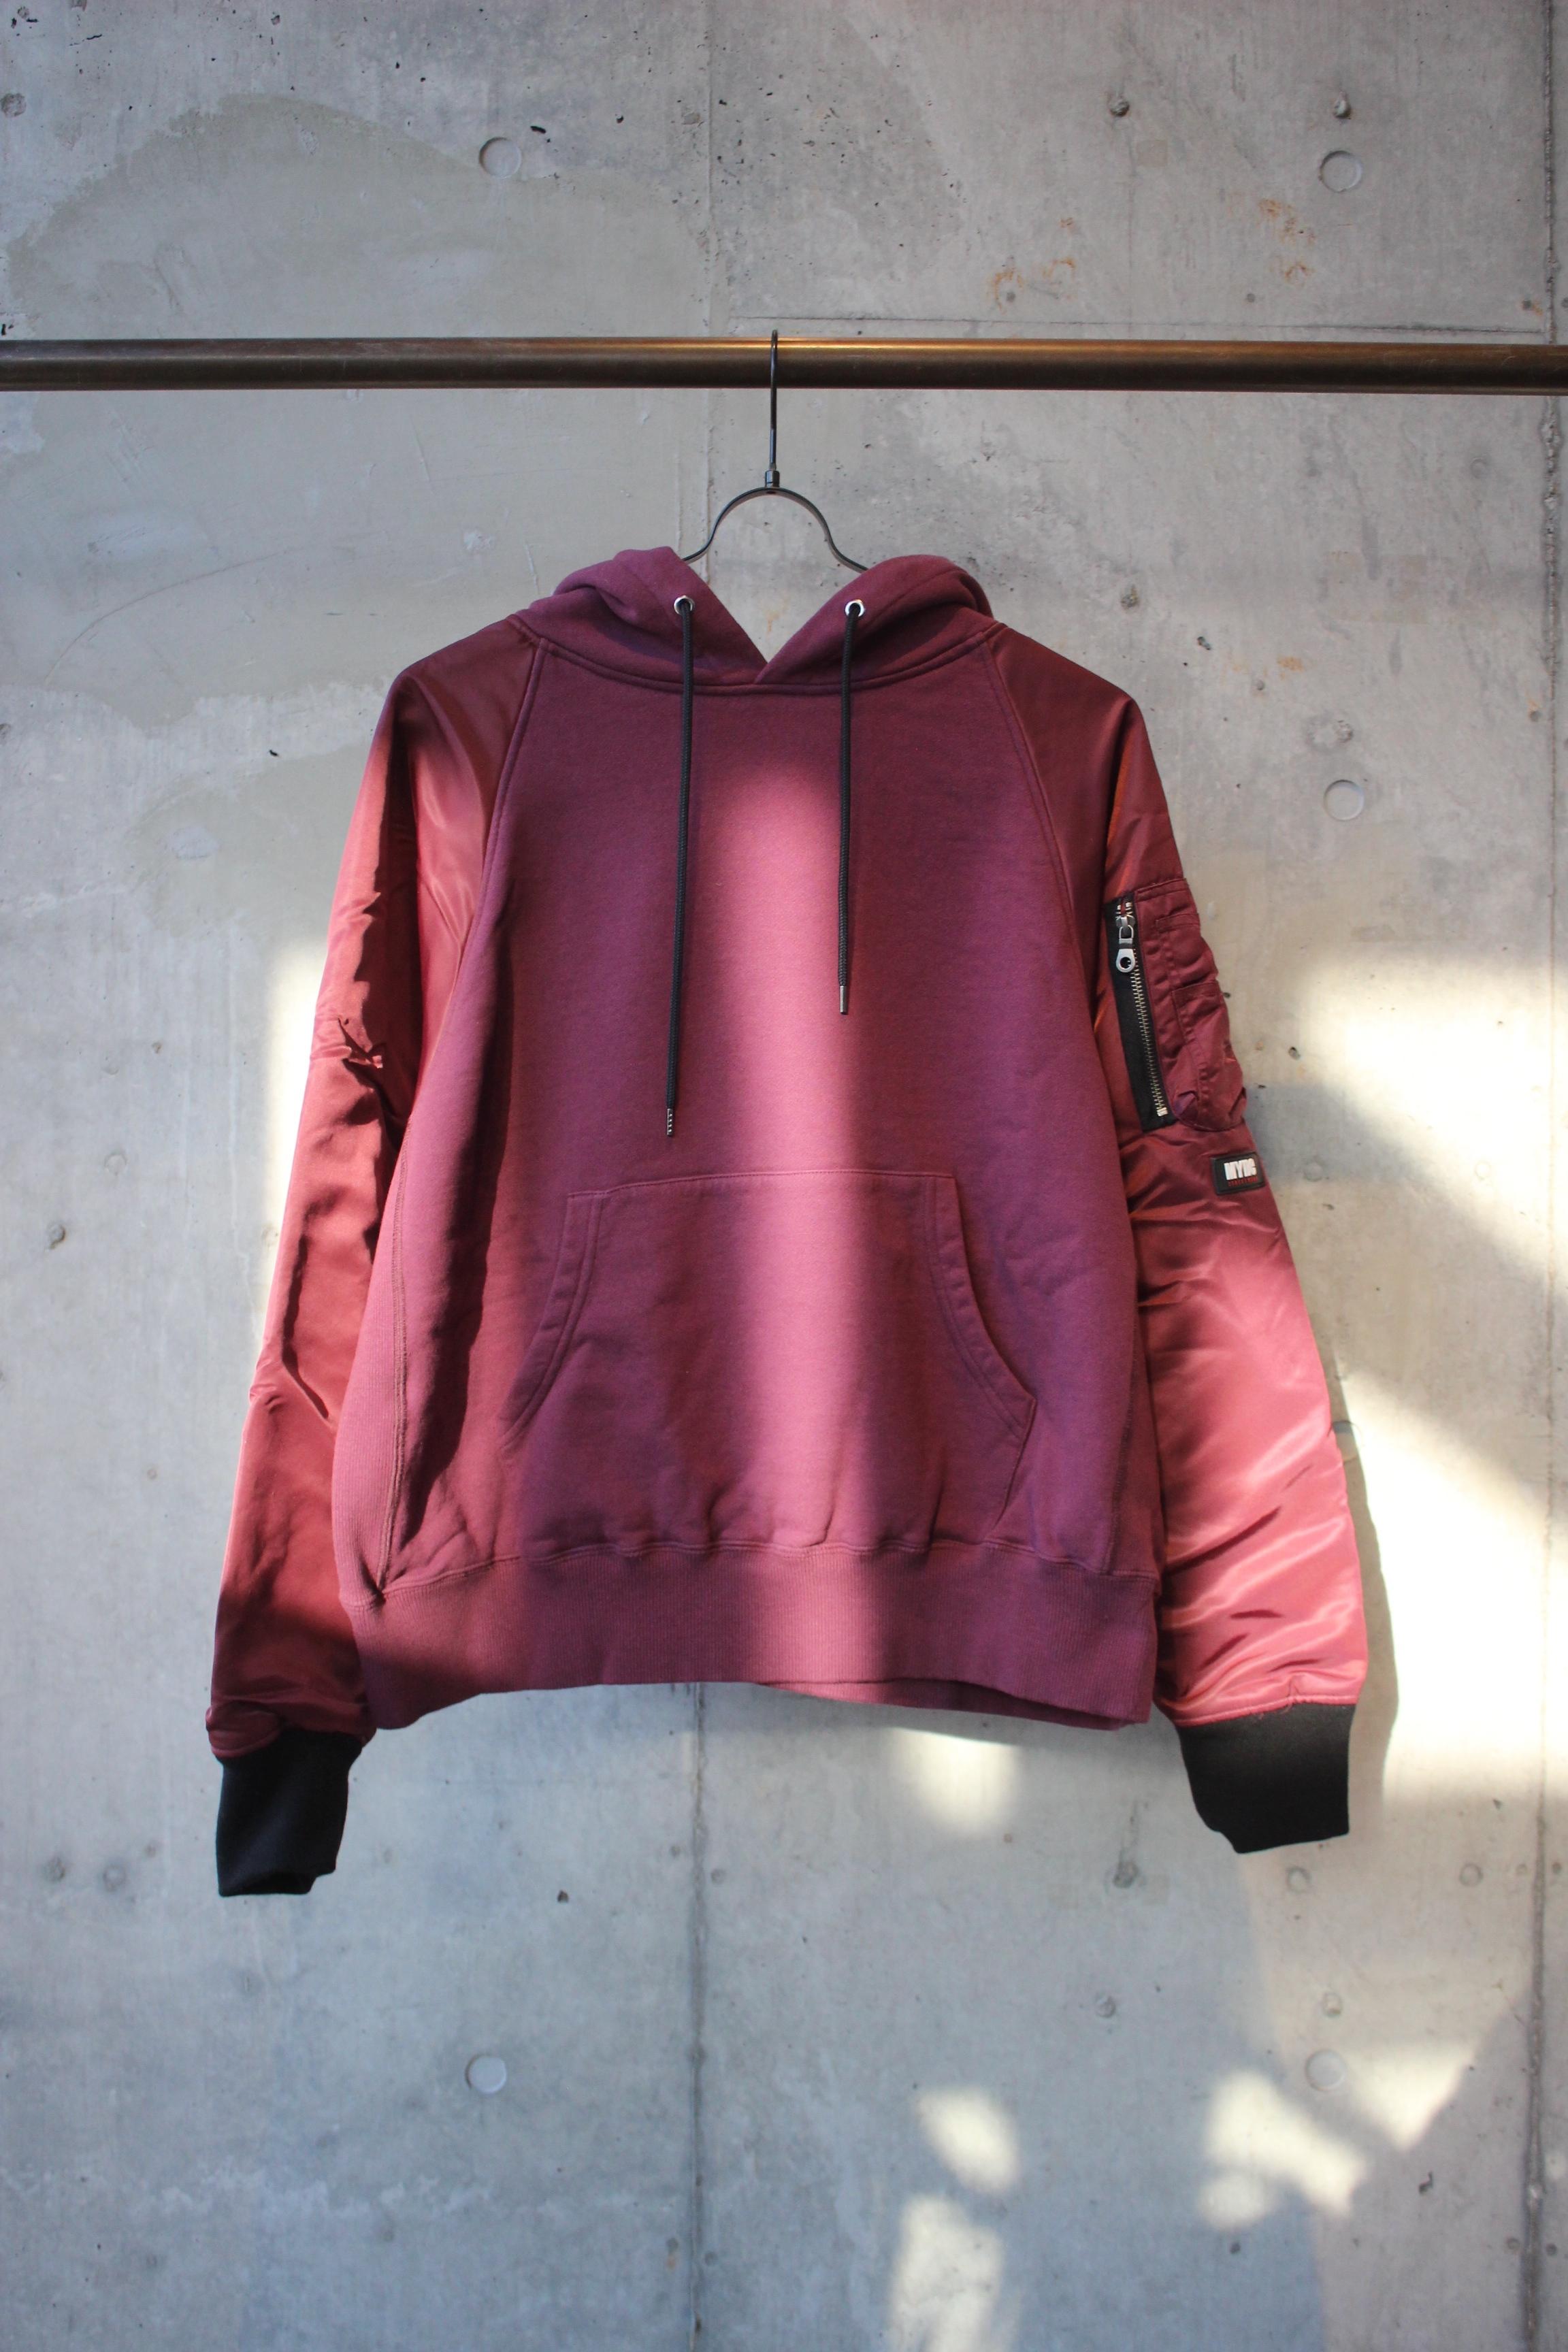 【別注限定カラー】MA-1 hoodie / BORDEAUX - 画像1